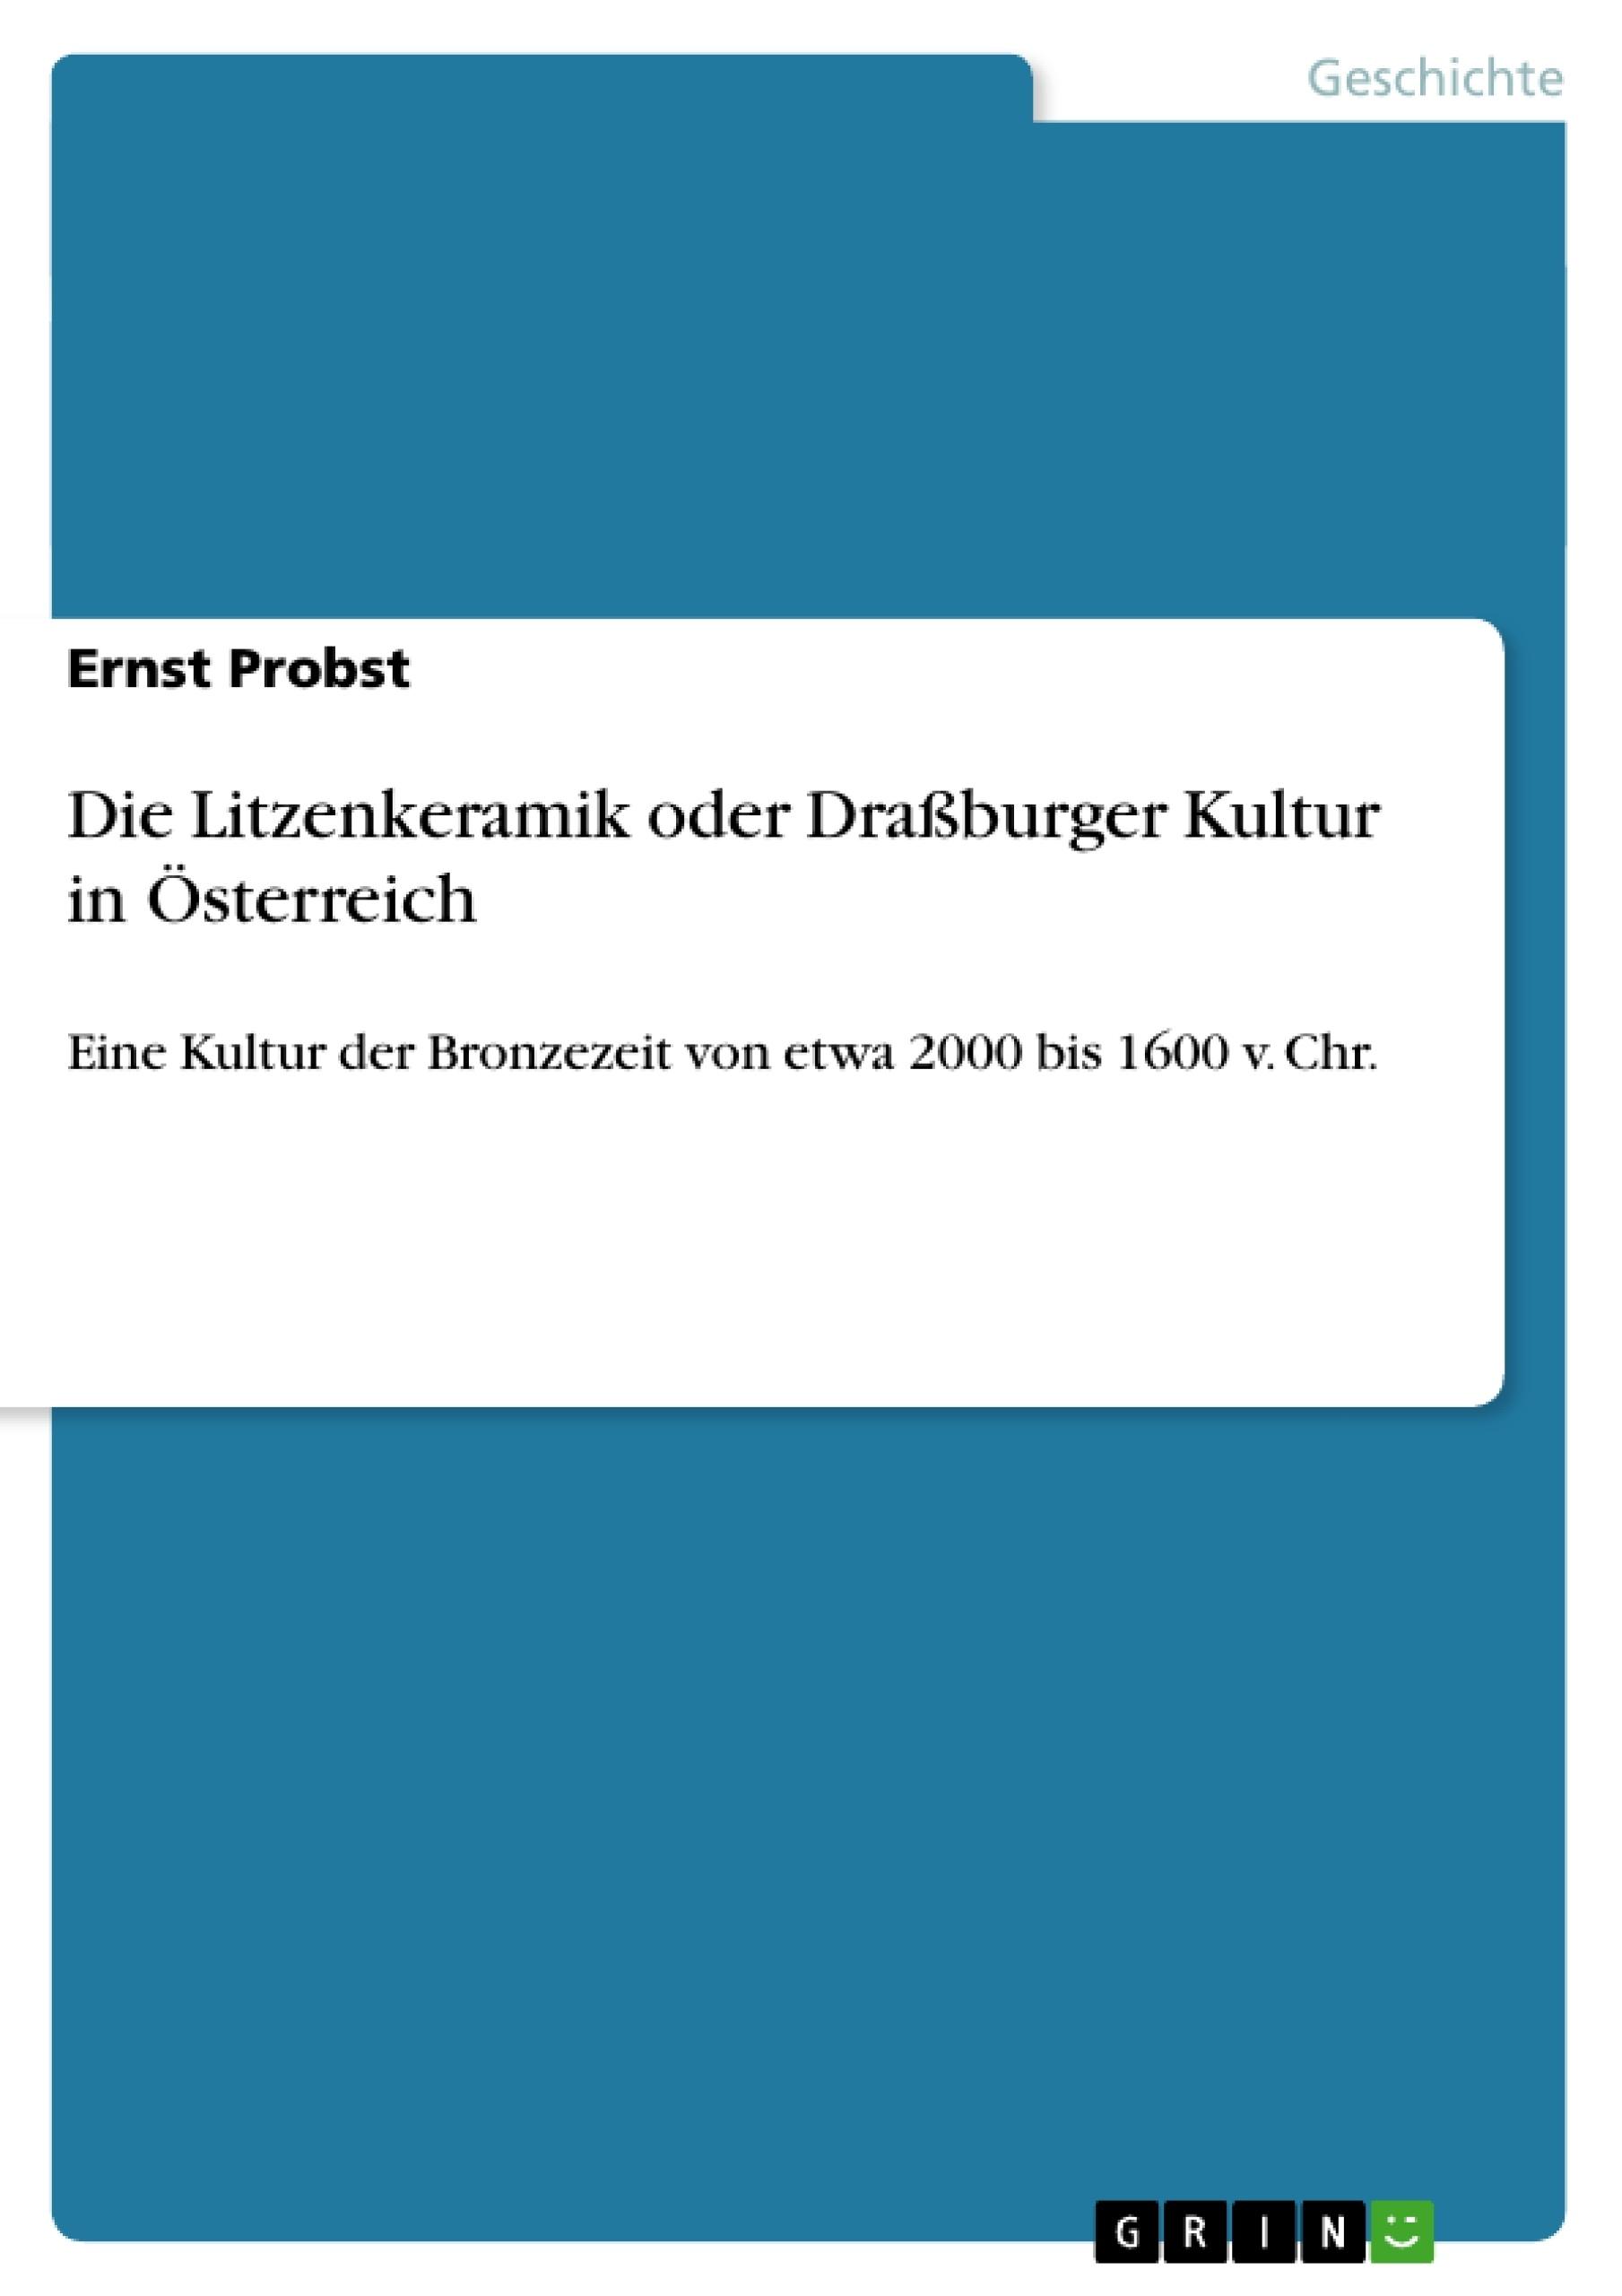 Titel: Die Litzenkeramik oder Draßburger Kultur in Österreich